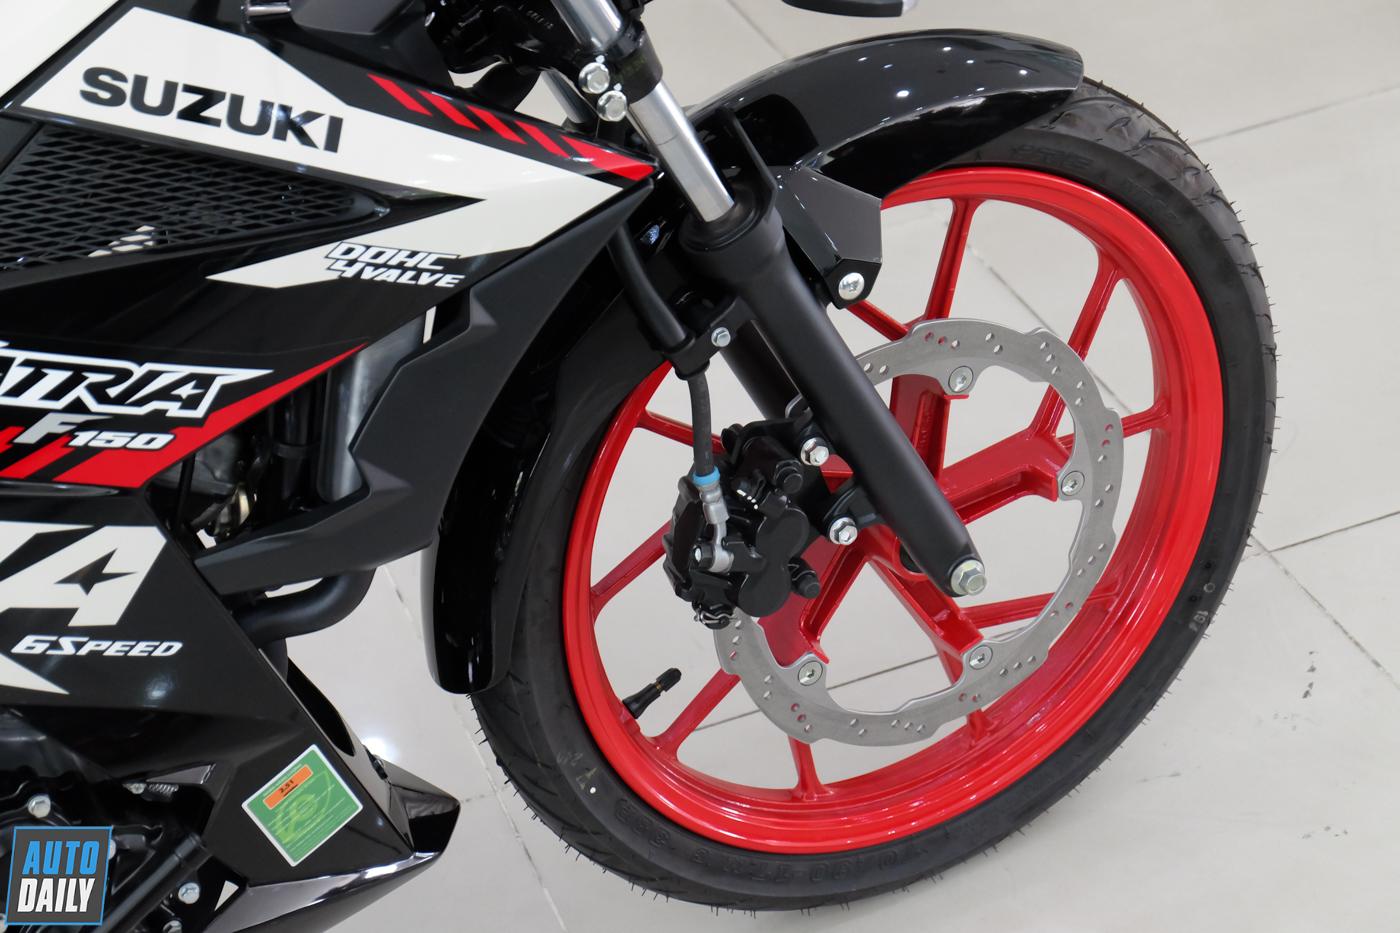 Cận cảnh Suzuki Satria F150 2021 giá gần 52 triệu đồng Suzuki-Satria-F150-2021 (8).JPG